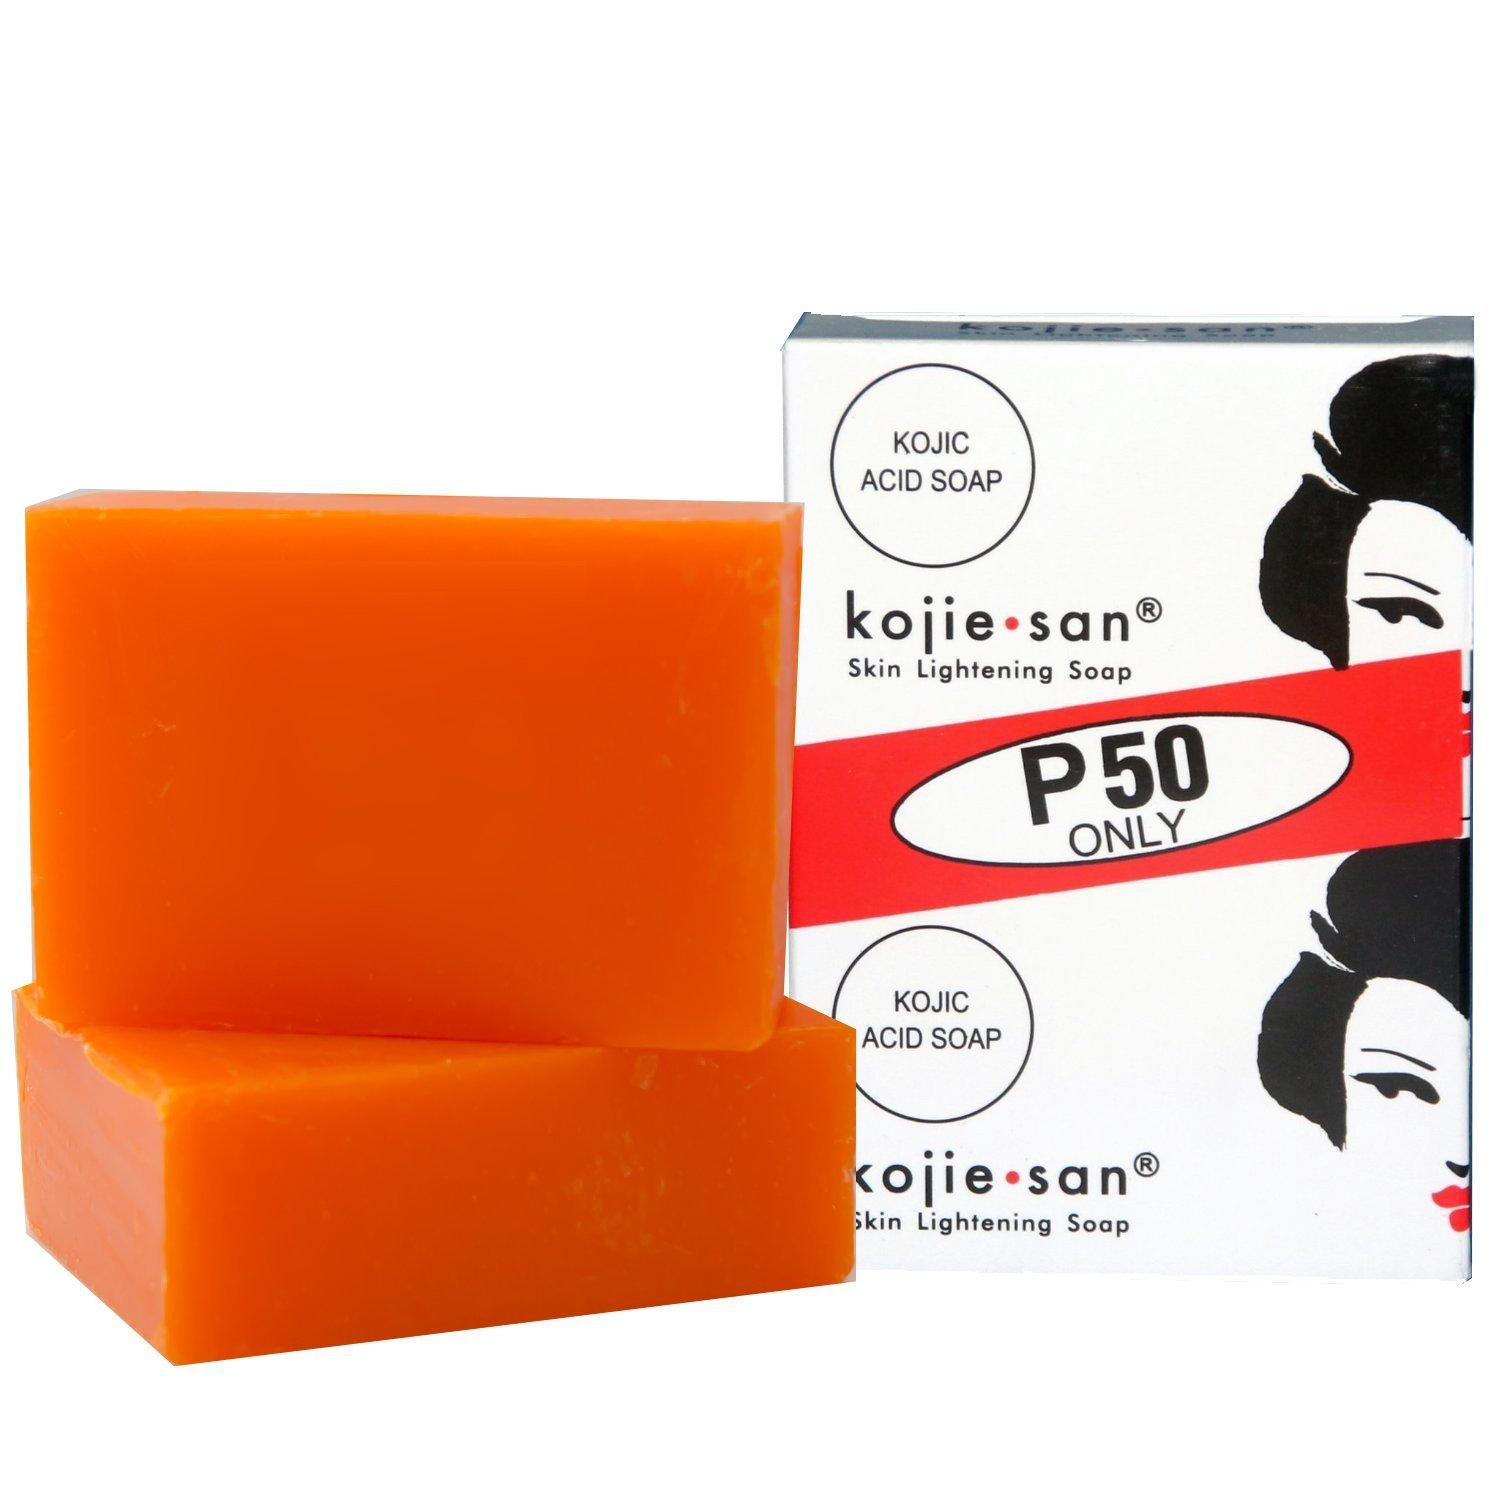 Kojie San Lightening Soap - Pack of 2 65 Gram